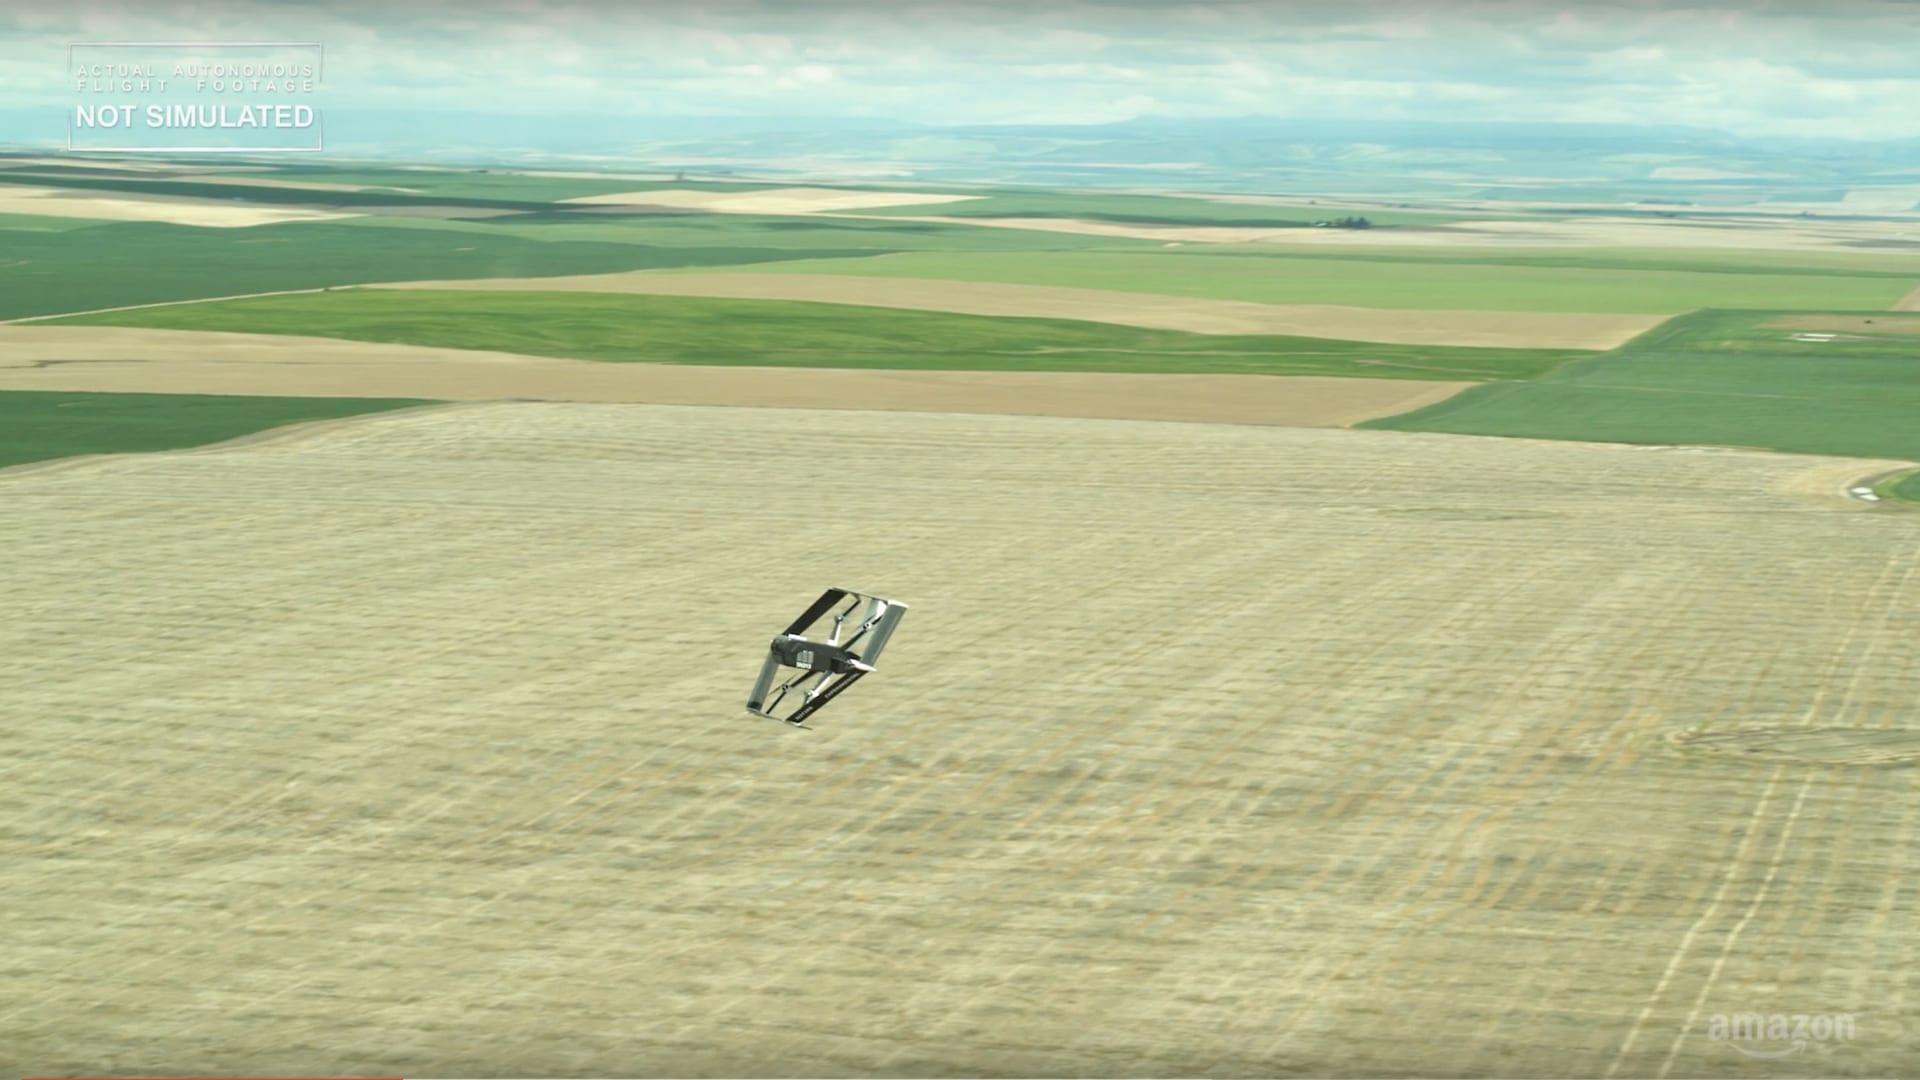 قريباً.. أمازون ستتمكن من توصيل الطلبات عبر الطائرات بدون طيار